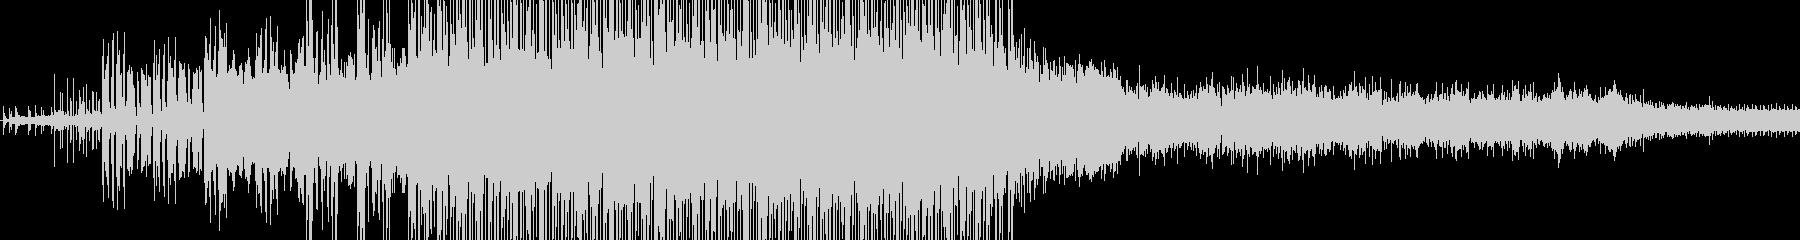 アンビエントミュージック 積極的 ...の未再生の波形